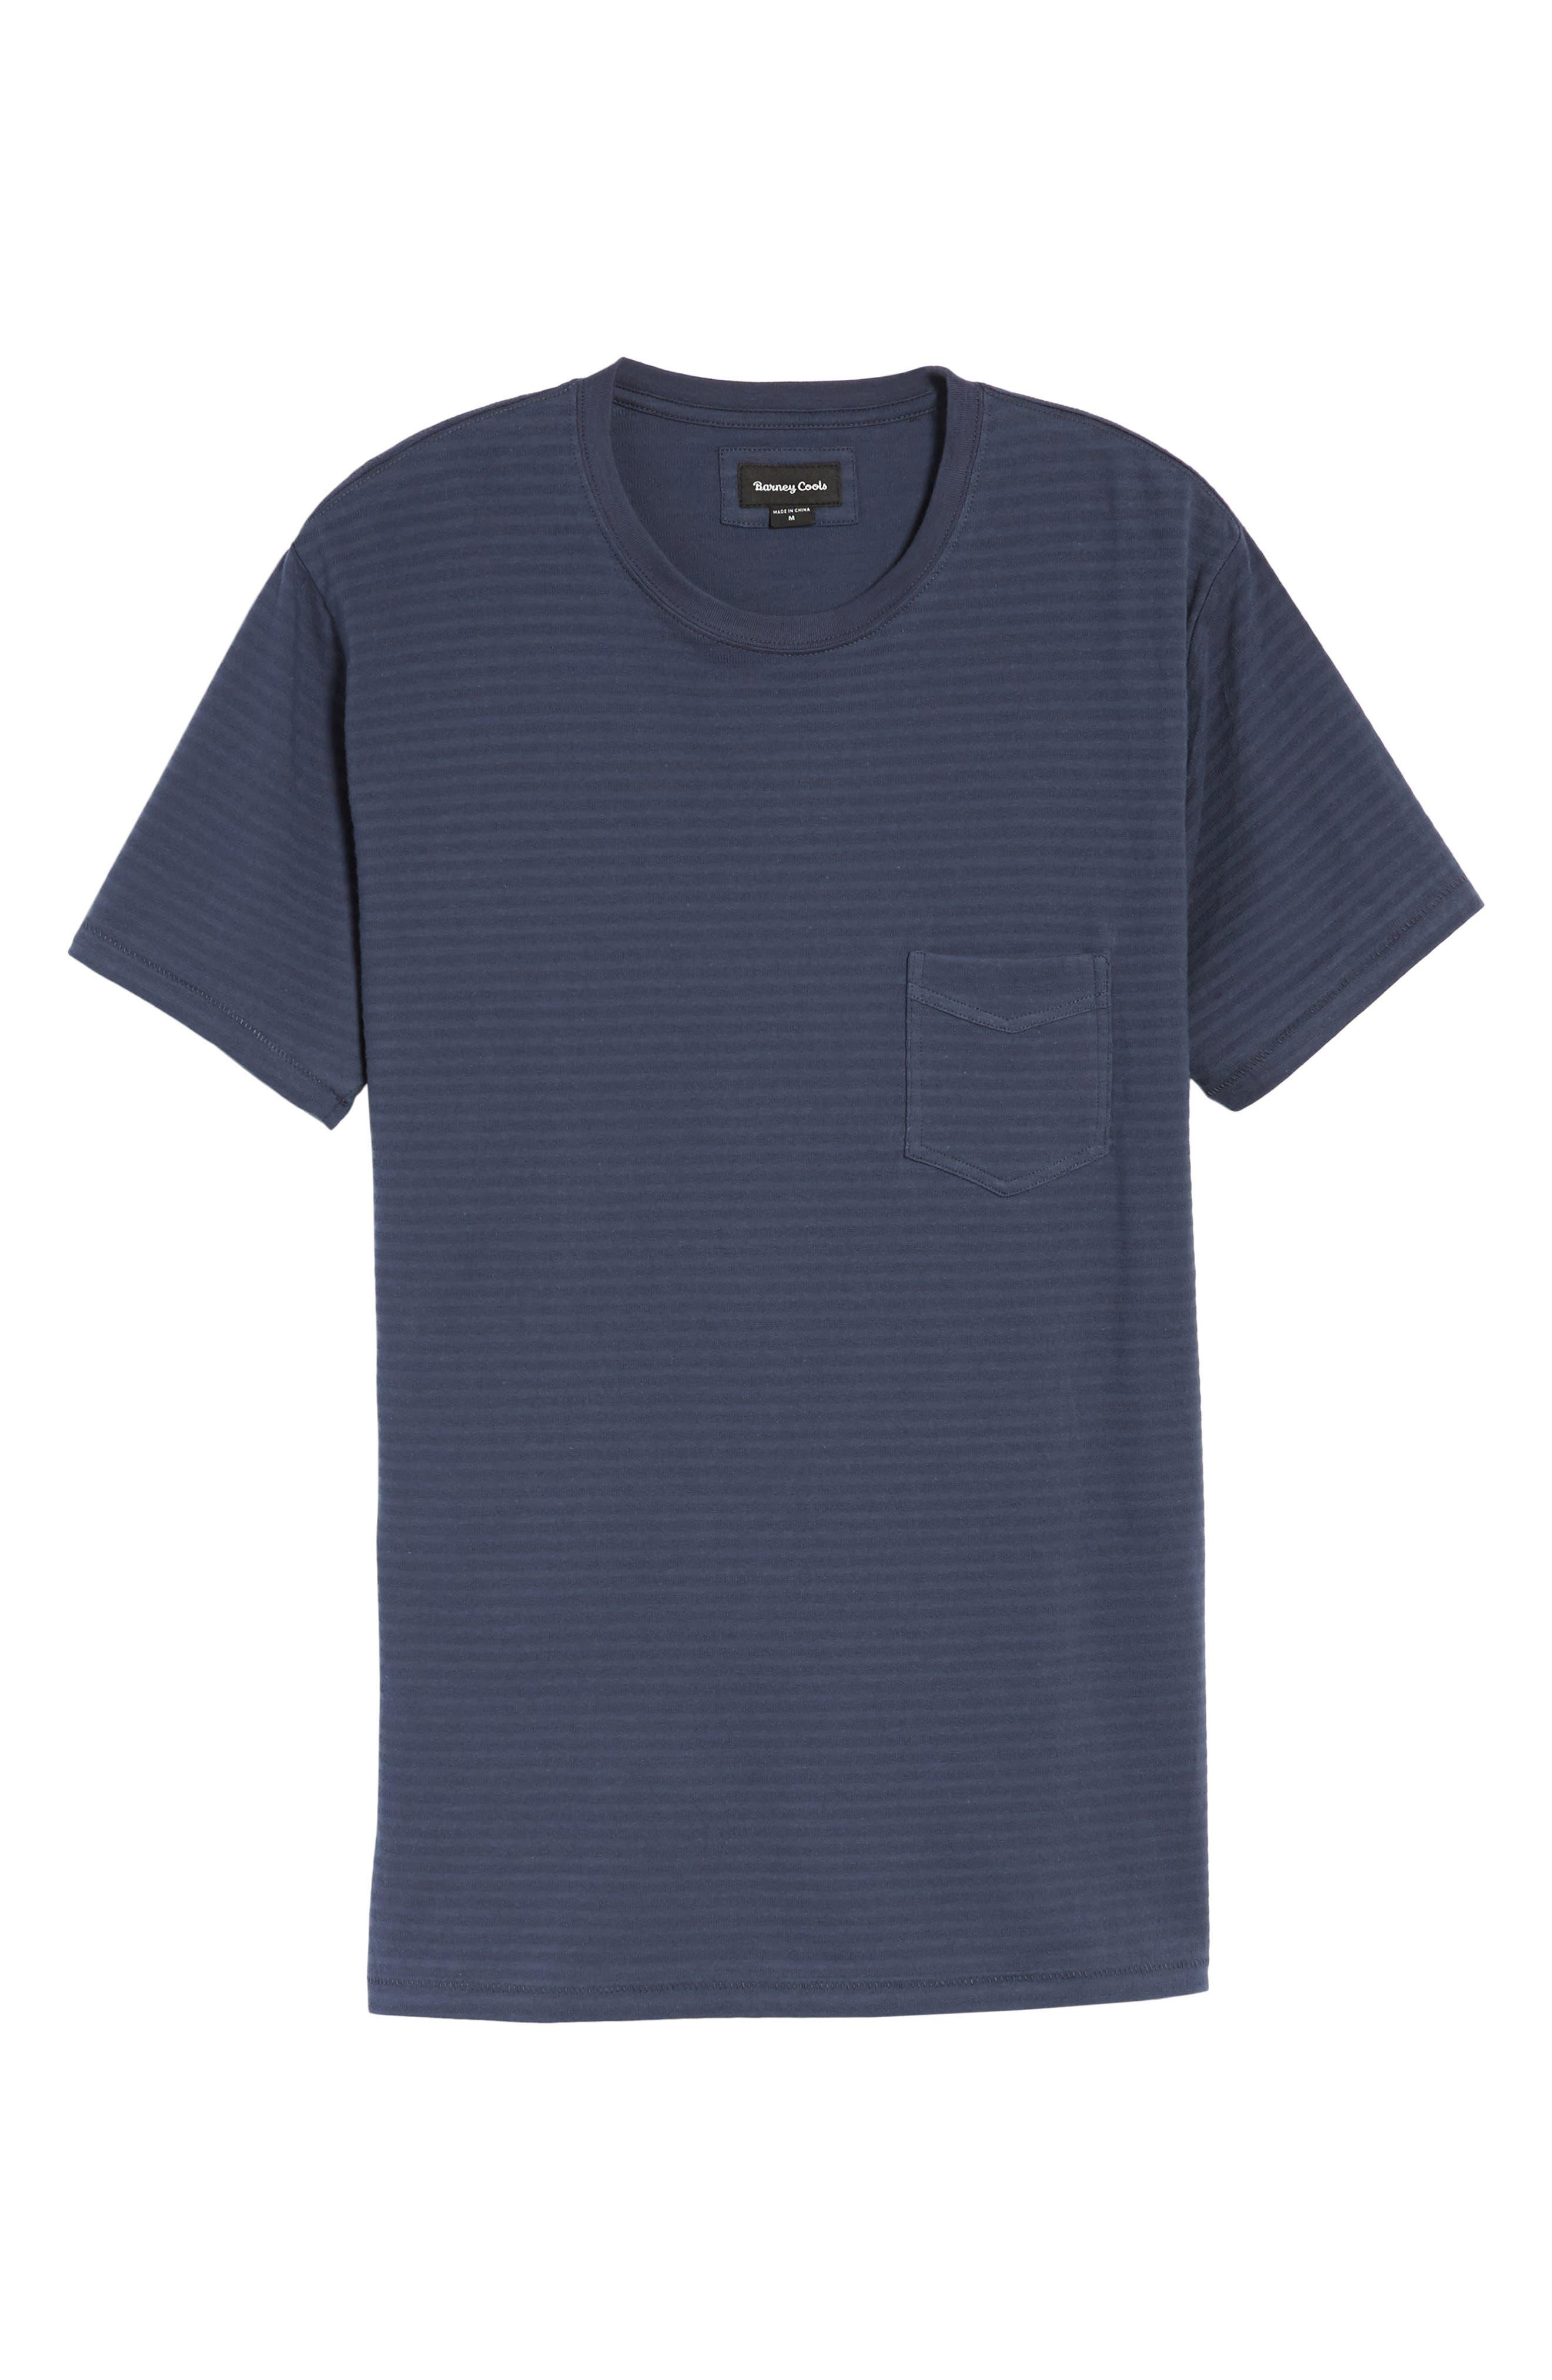 B. Elusive Pocket T-Shirt,                             Alternate thumbnail 6, color,                             Slate